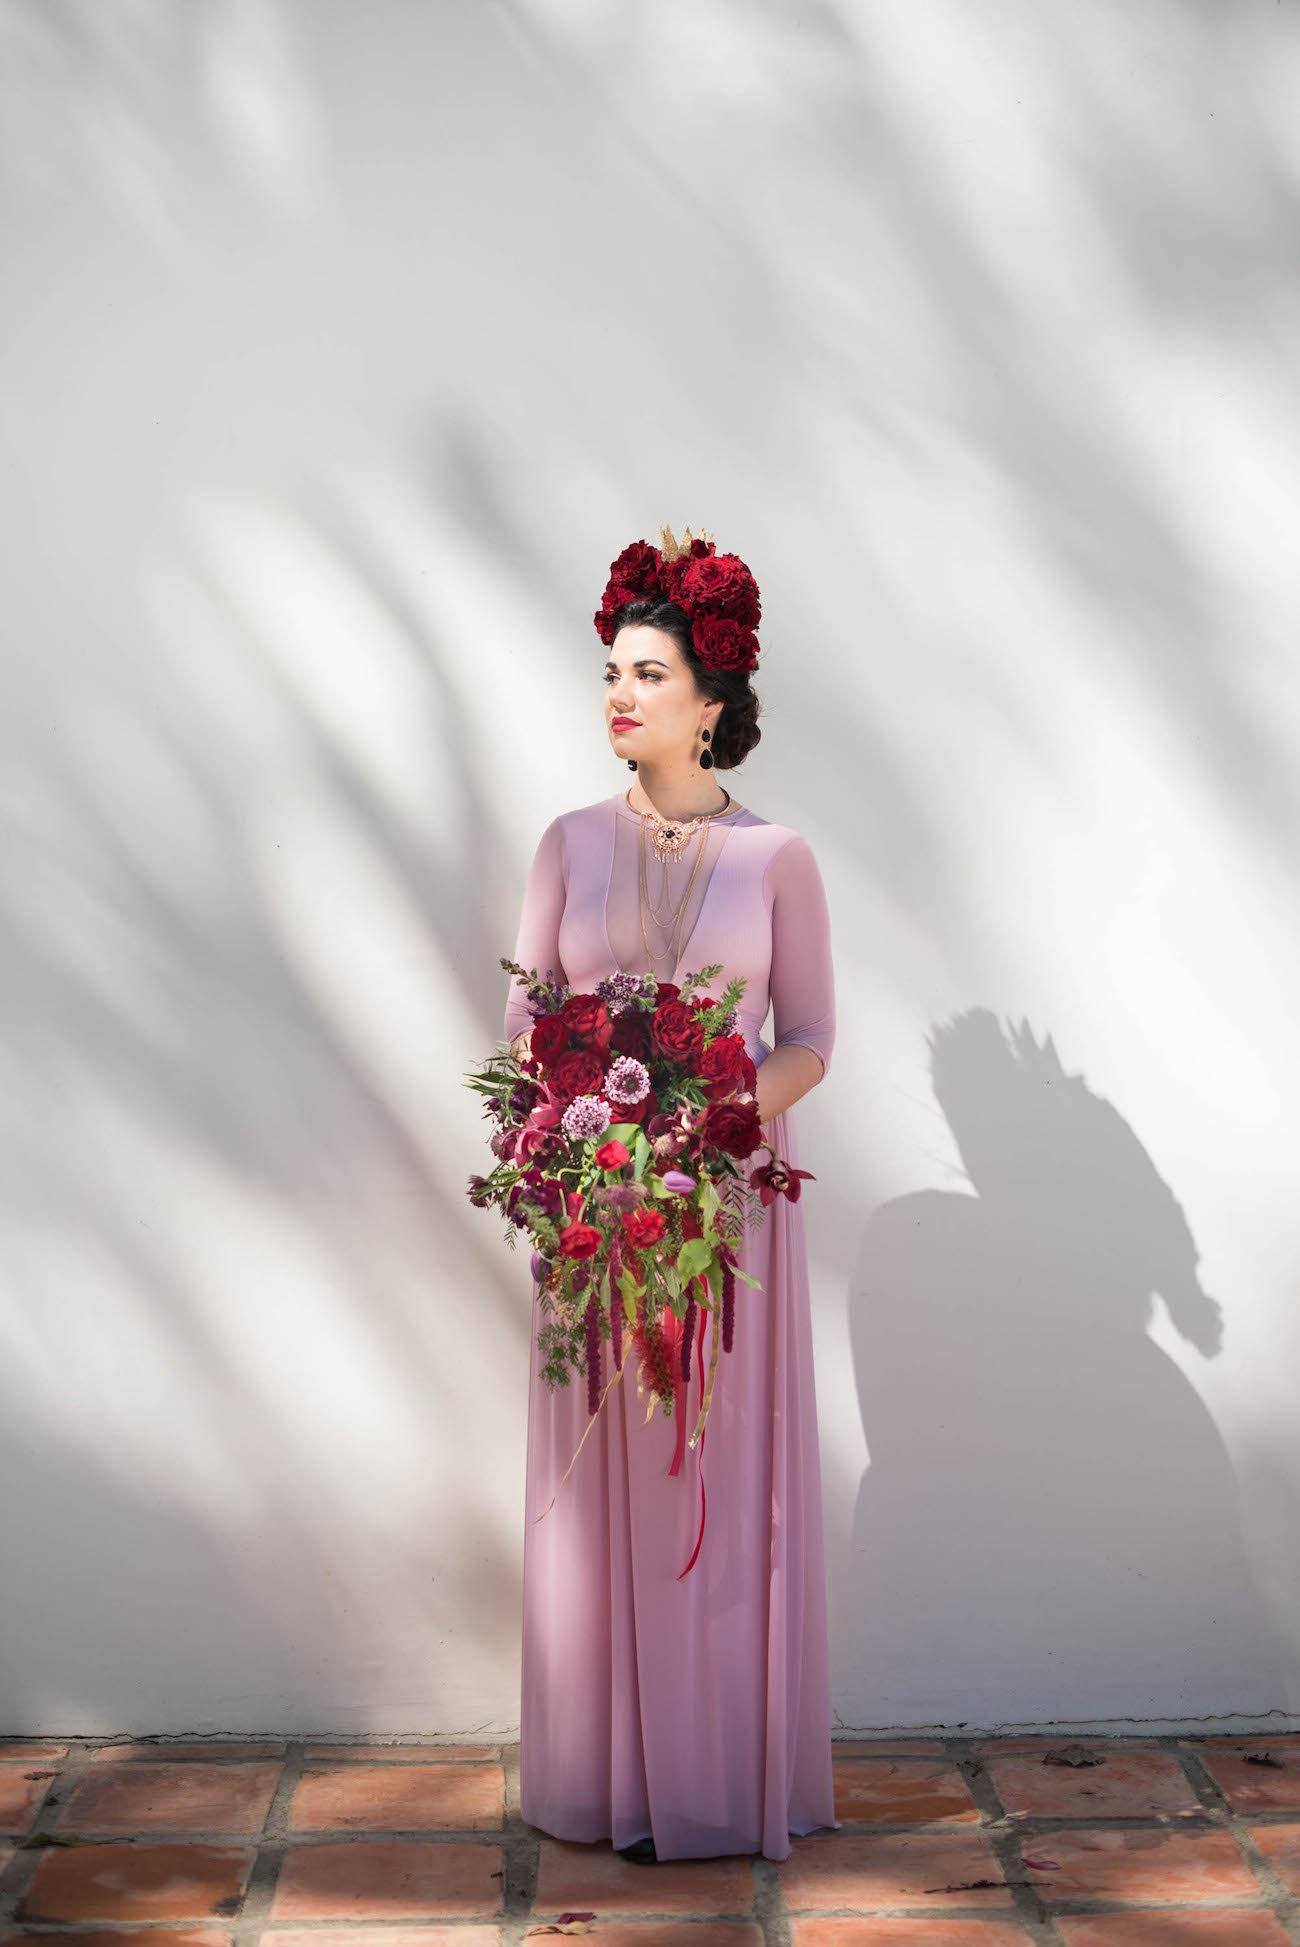 Frida Kahlo Flower Crown | Credit: Jacoba Clothing/Forever September